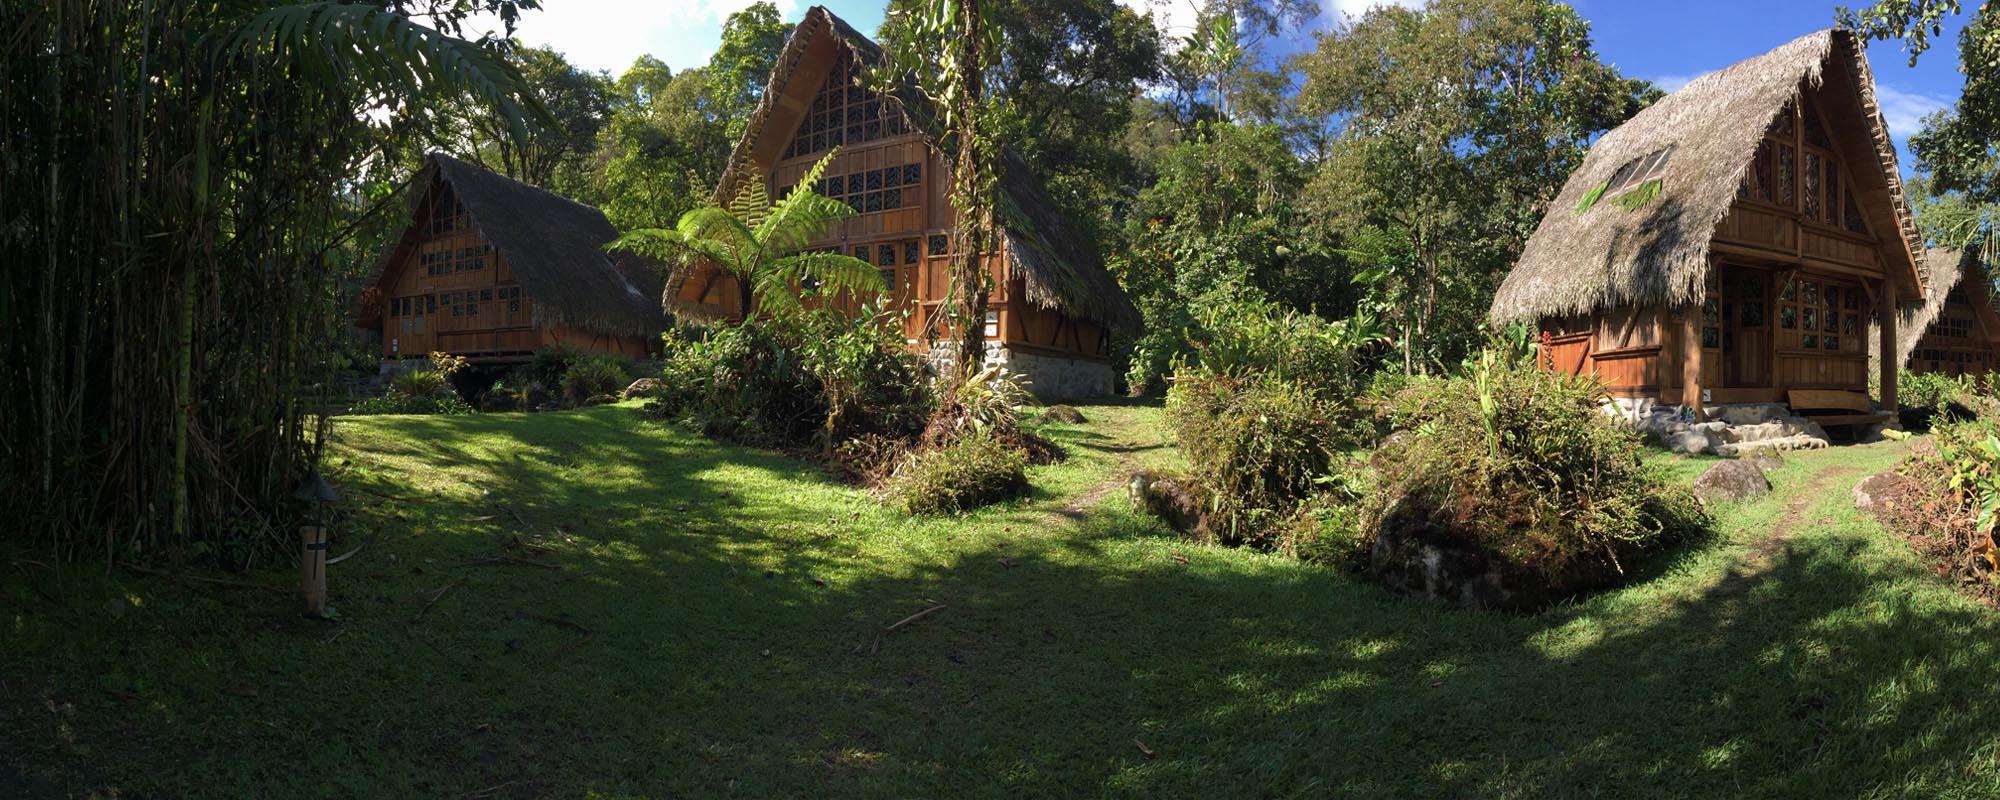 Cabañas El Monte Sustainable Lodge, Mindo